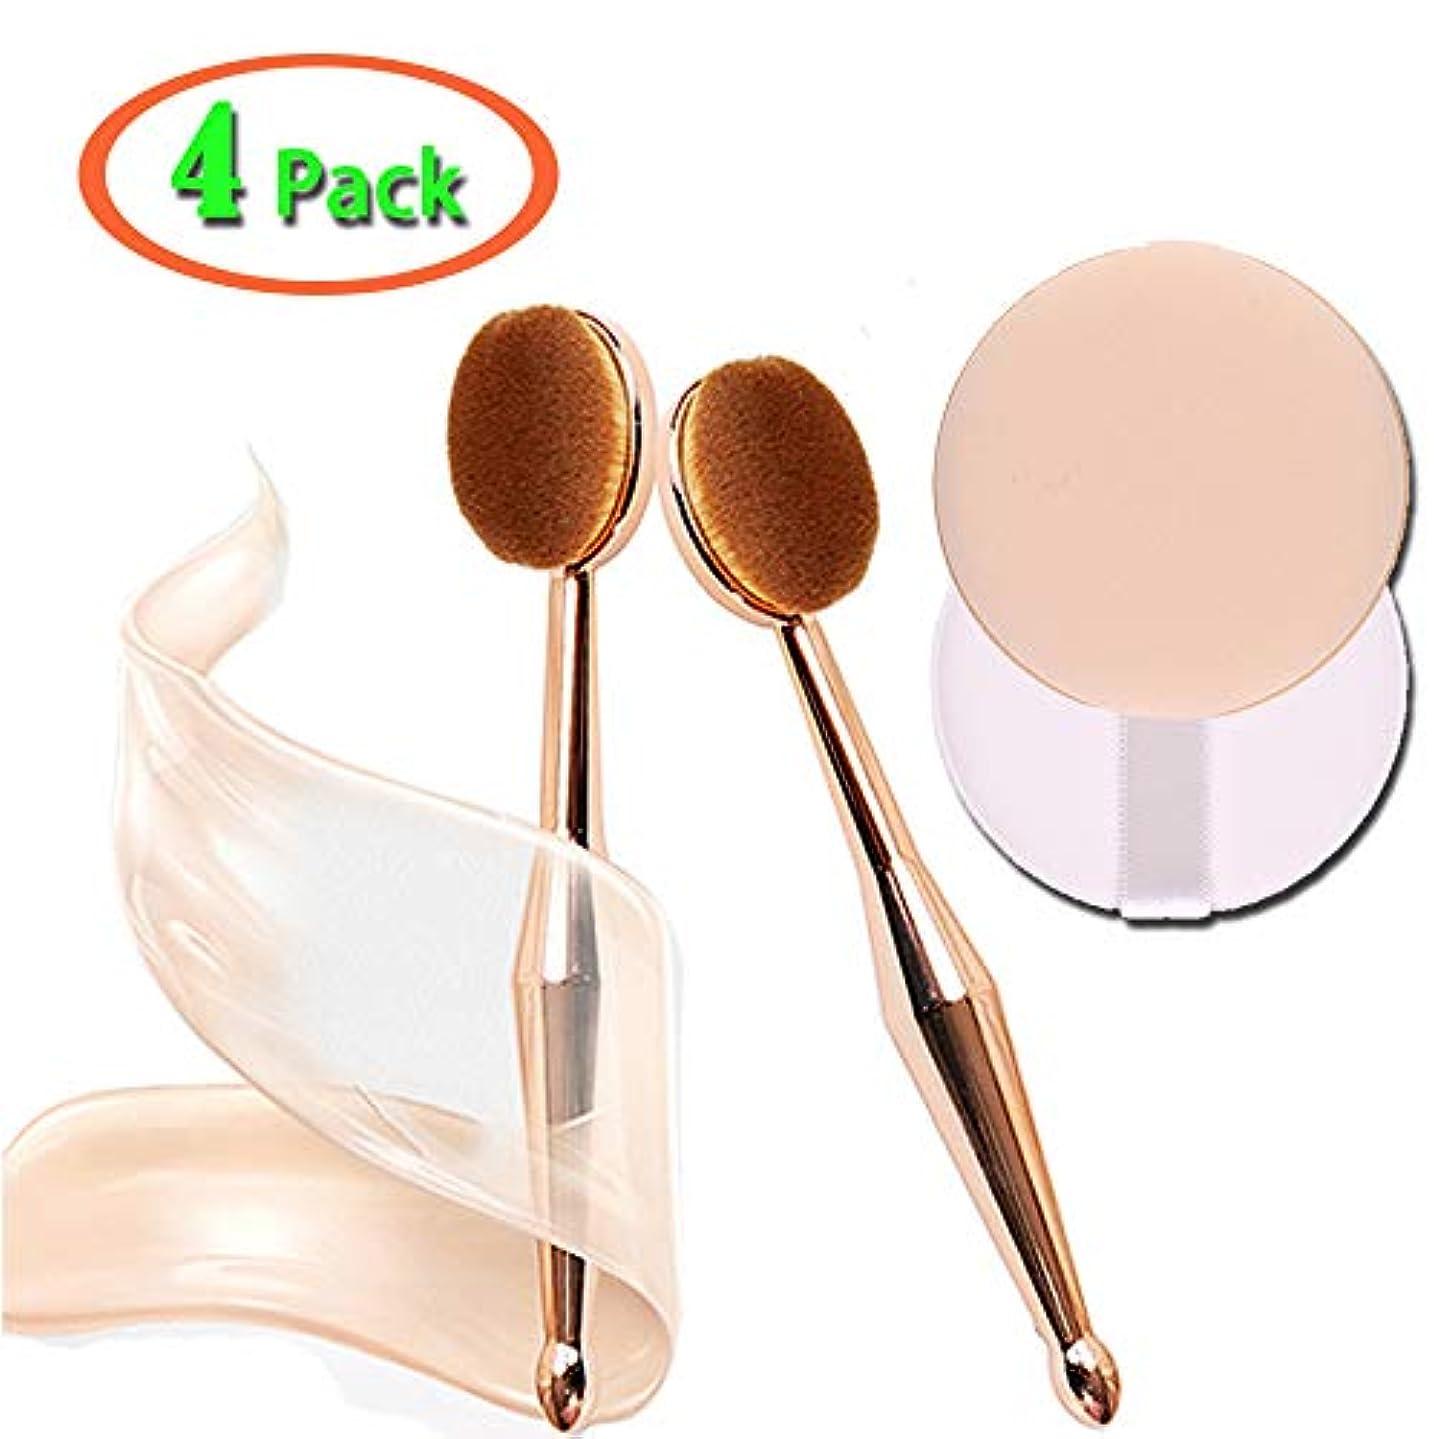 包囲腫瘍チームYuJiny 化粧ブラシ 歯ブラシ型 高級繊維毛 ファンデーションブラシ メイクブラシ メイクアップブラシ 肌に優しいパフ 化粧 ファンデーションブラシ 2ペア ゴールド